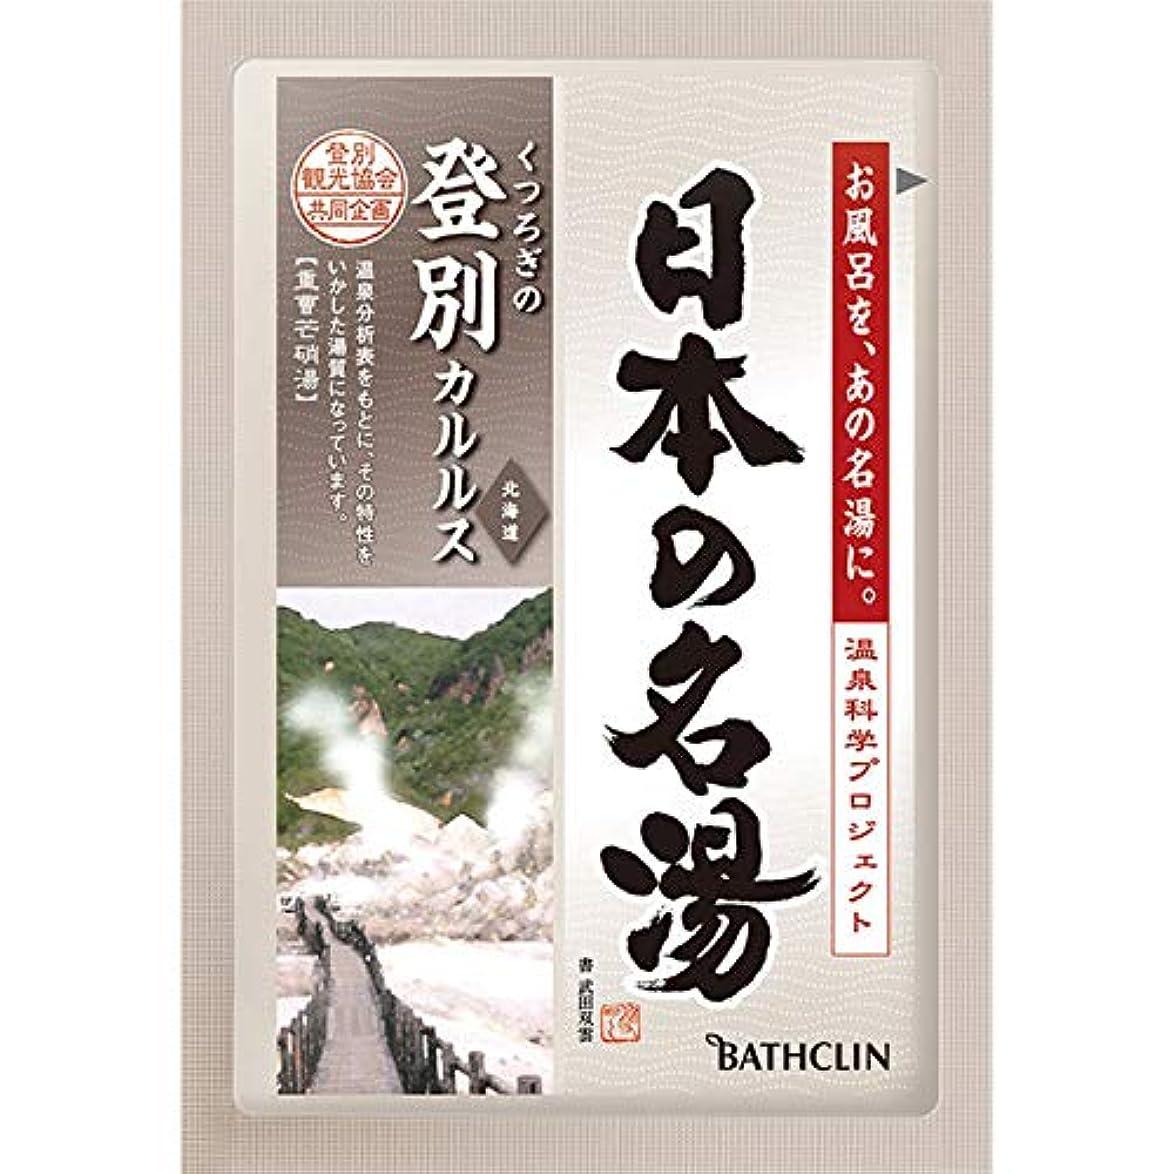 虚偽教育する自分の力ですべてをするバスクリン 日本の名湯 登別カルルス 30g (医薬部外品)